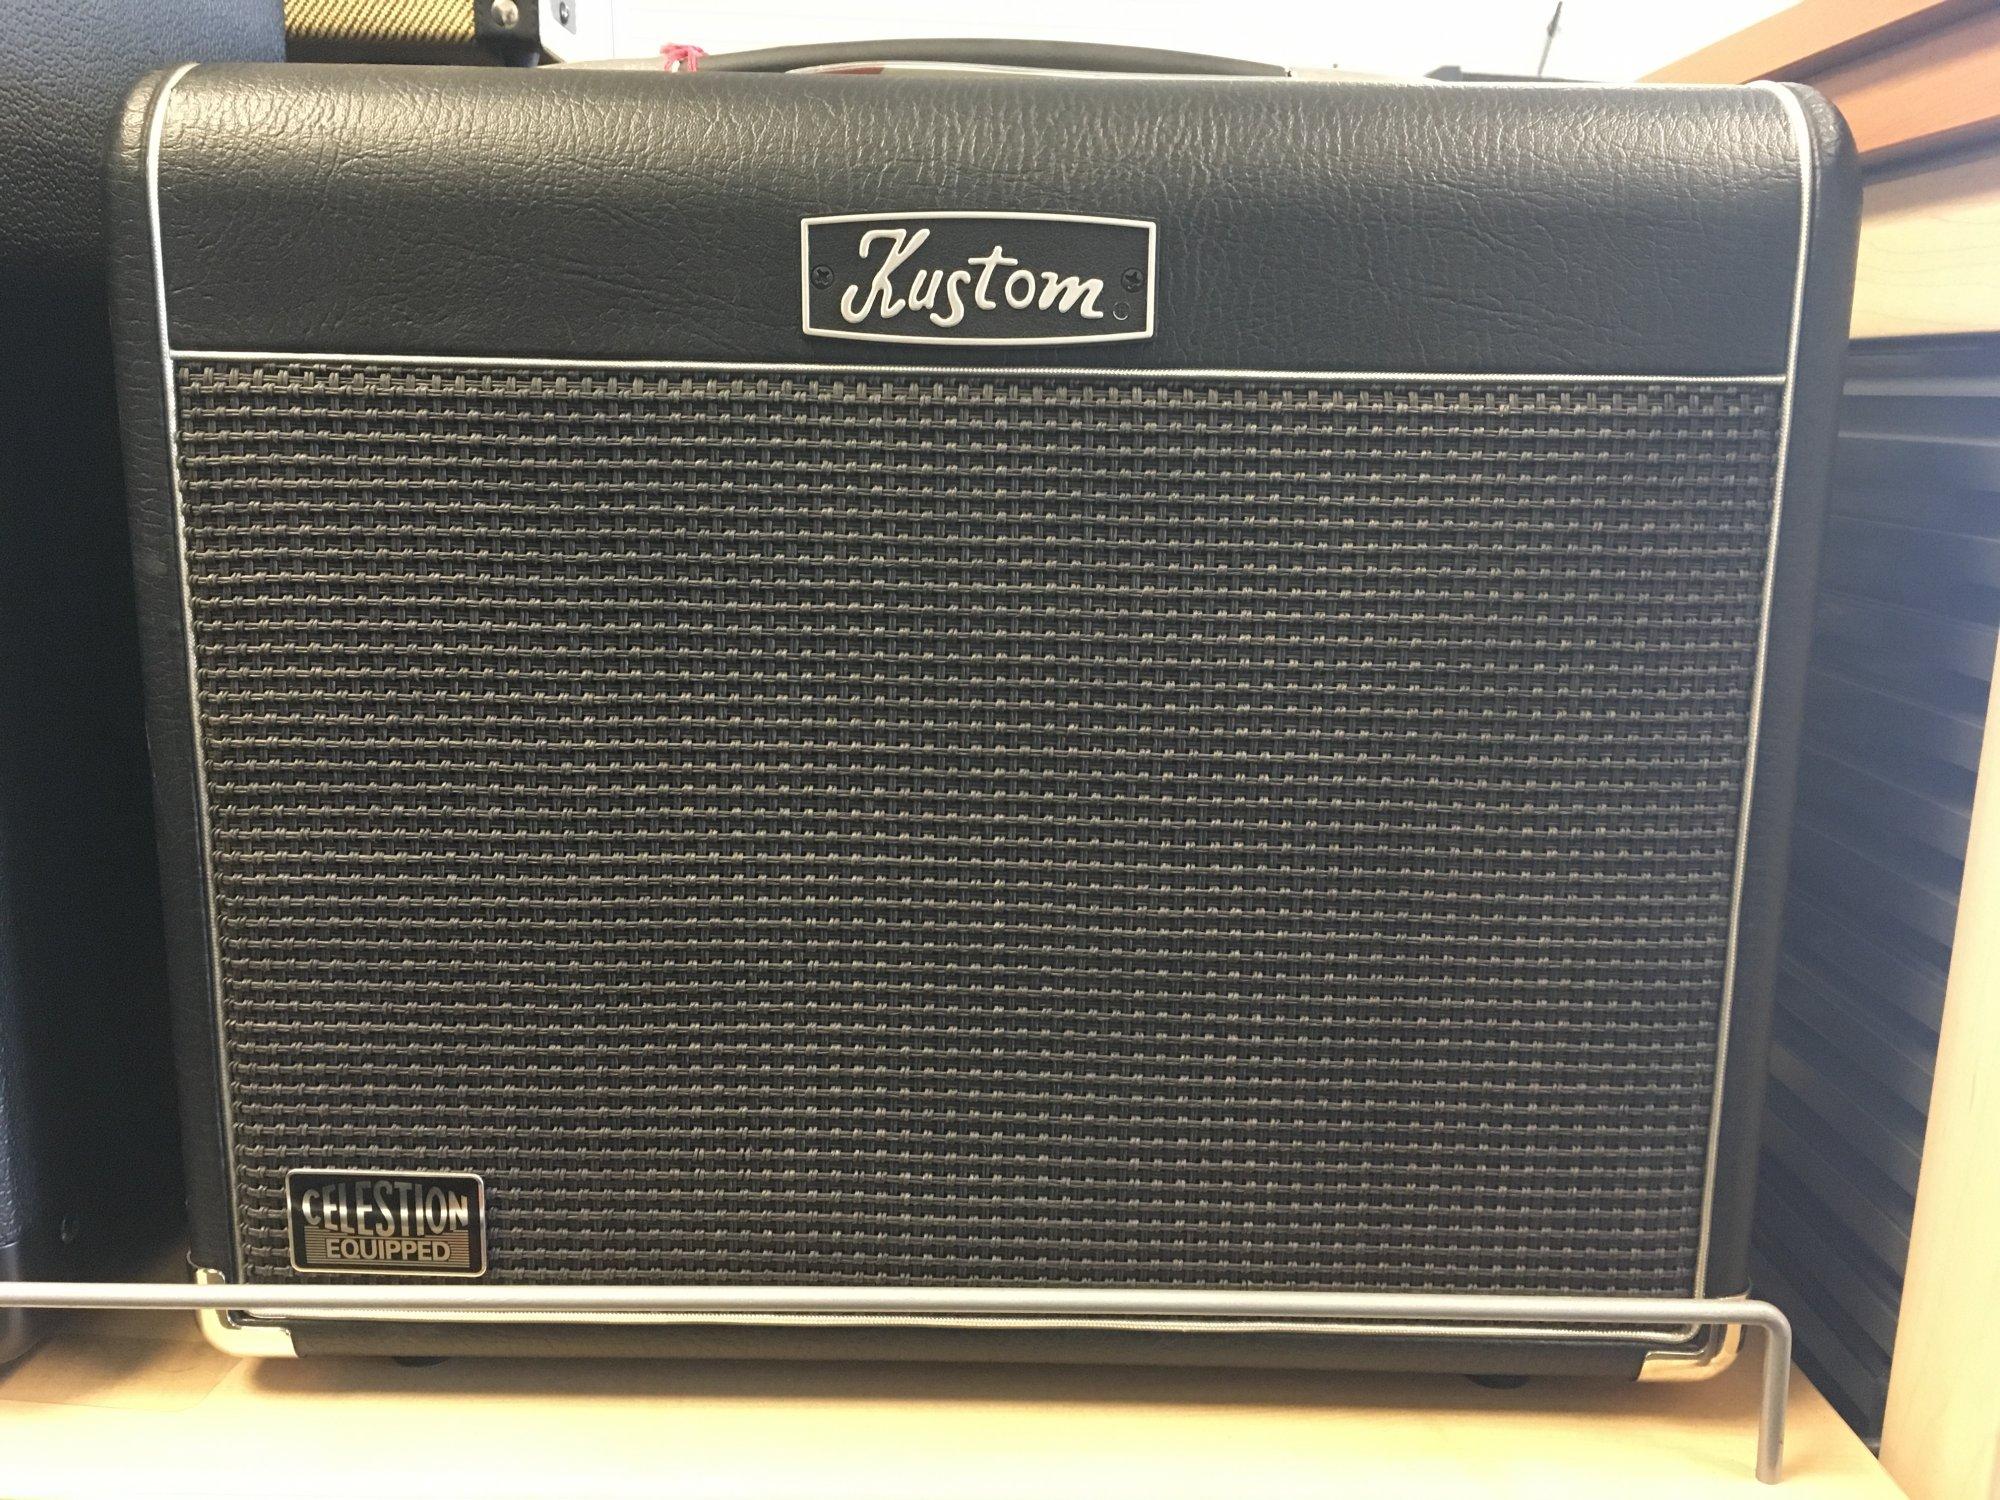 Kustom HV20 Guitar Amp 10 Speaker